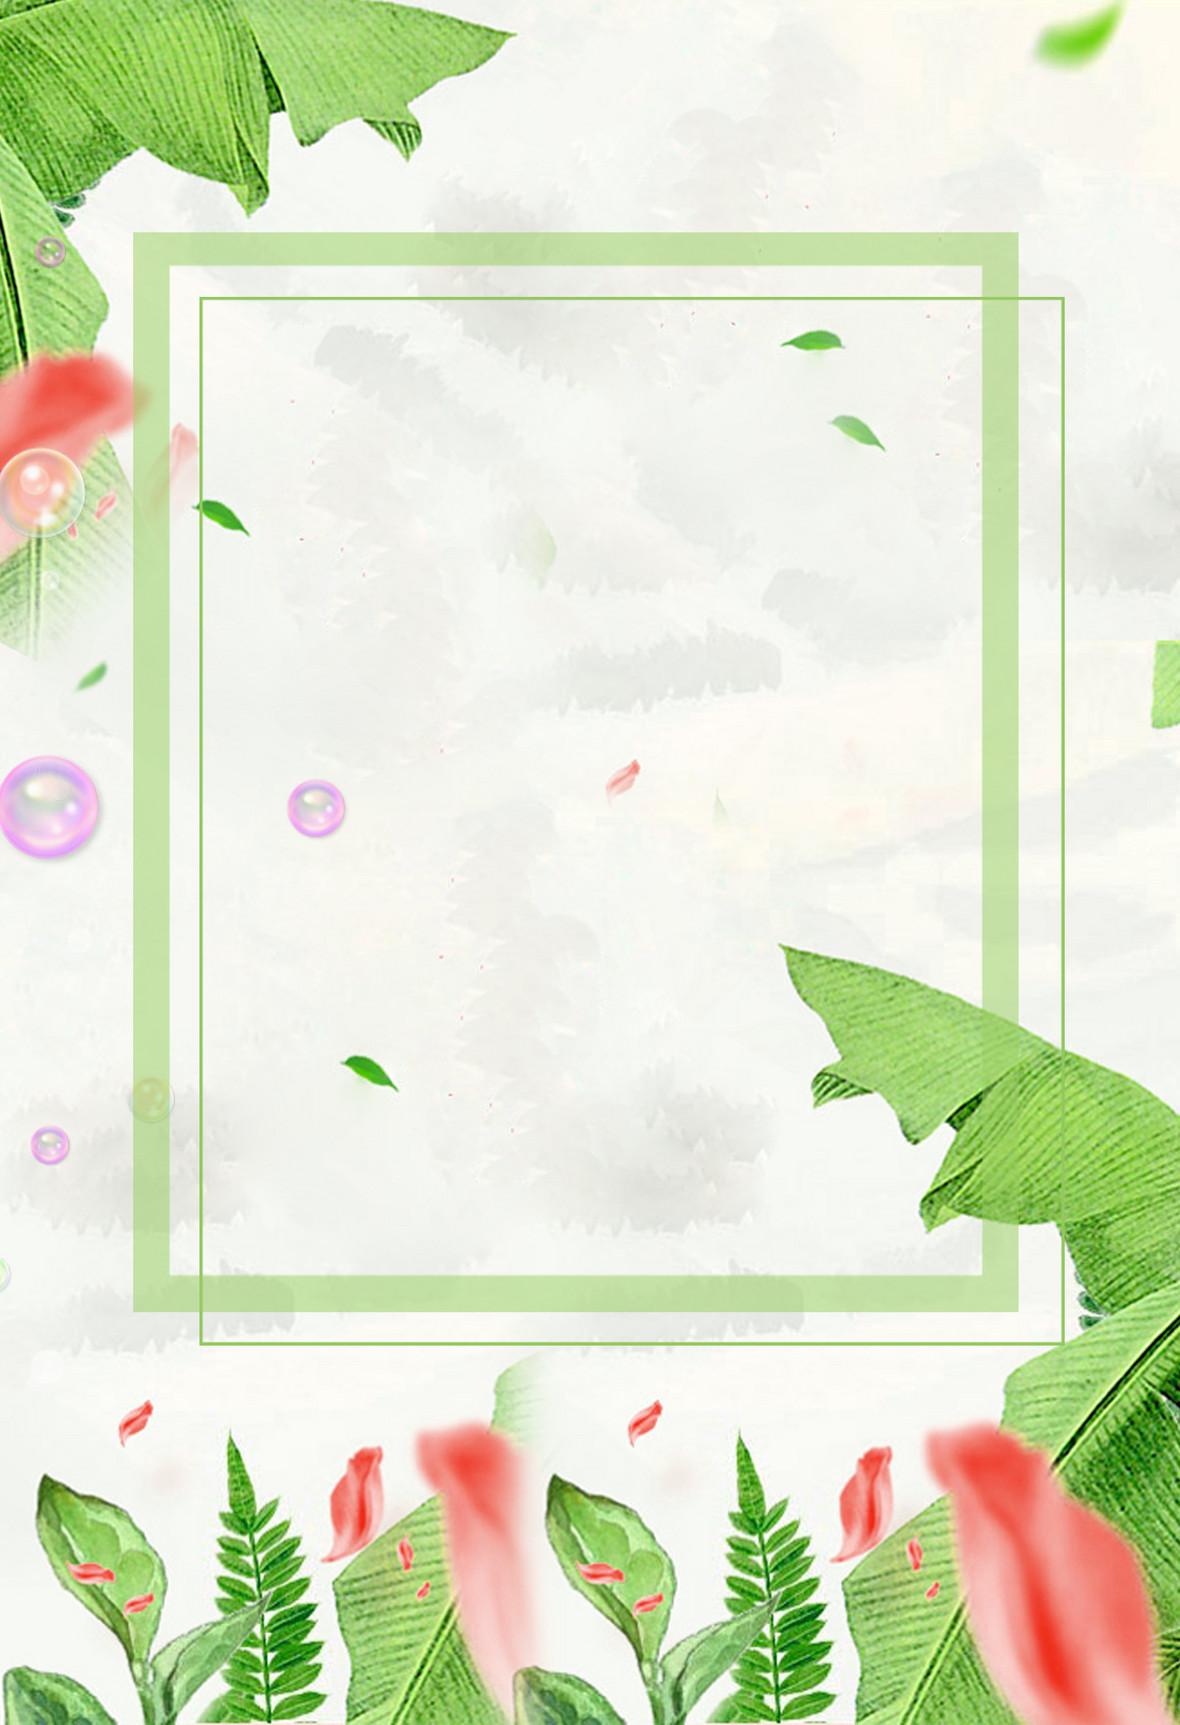 简约清新春季新品上市海报背景素材